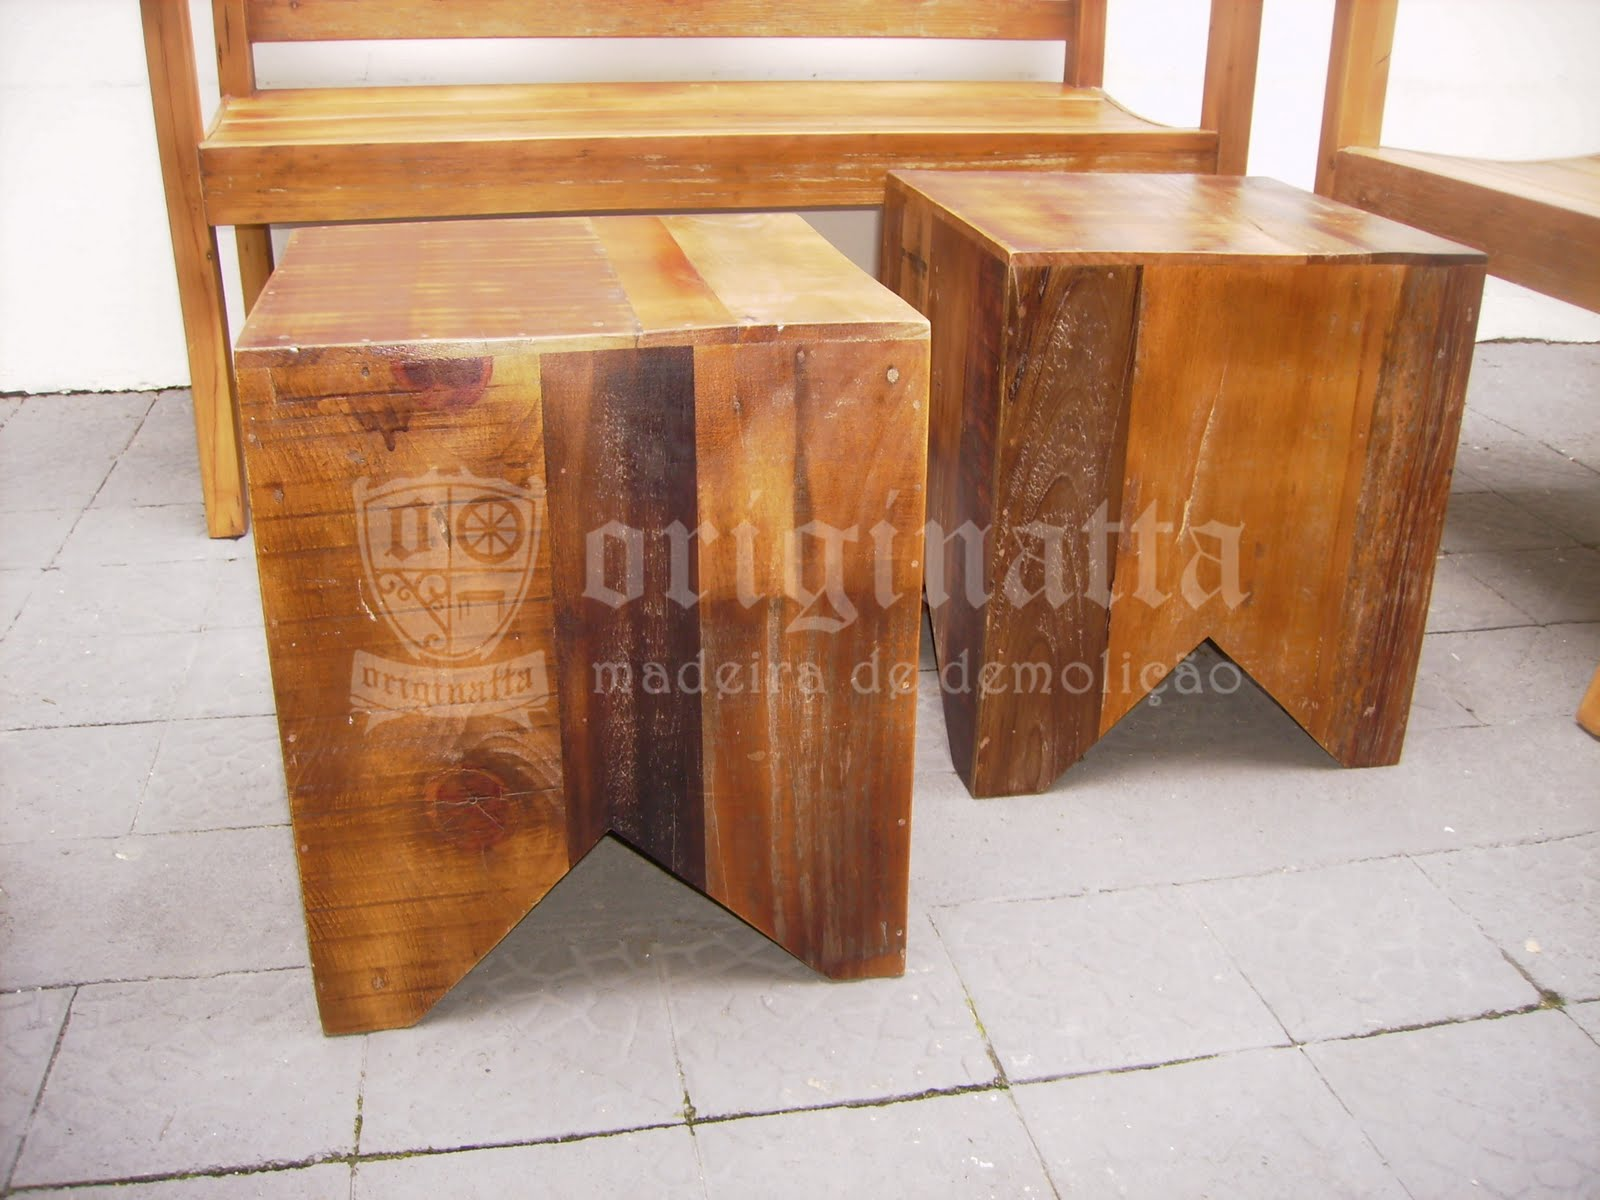 Bancos e banquetas em madeira de demolição todos os modelos podem  #9E702D 1600x1200